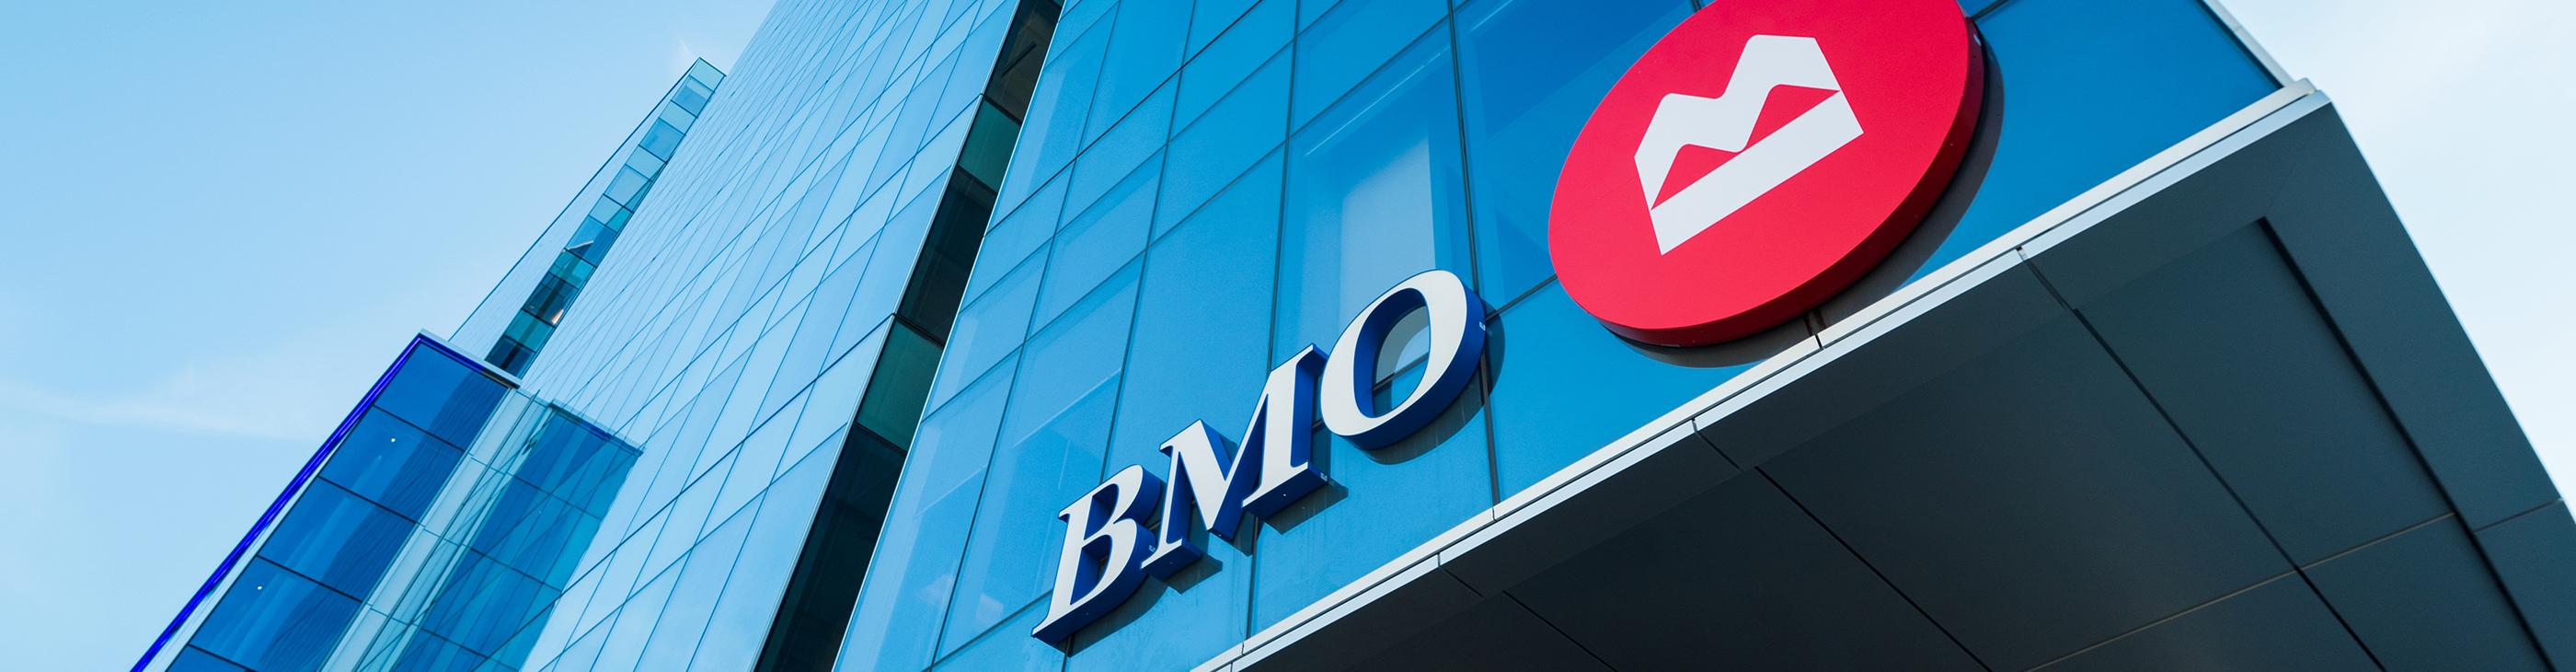 Logo de BMO sur un immeuble de bureaux.